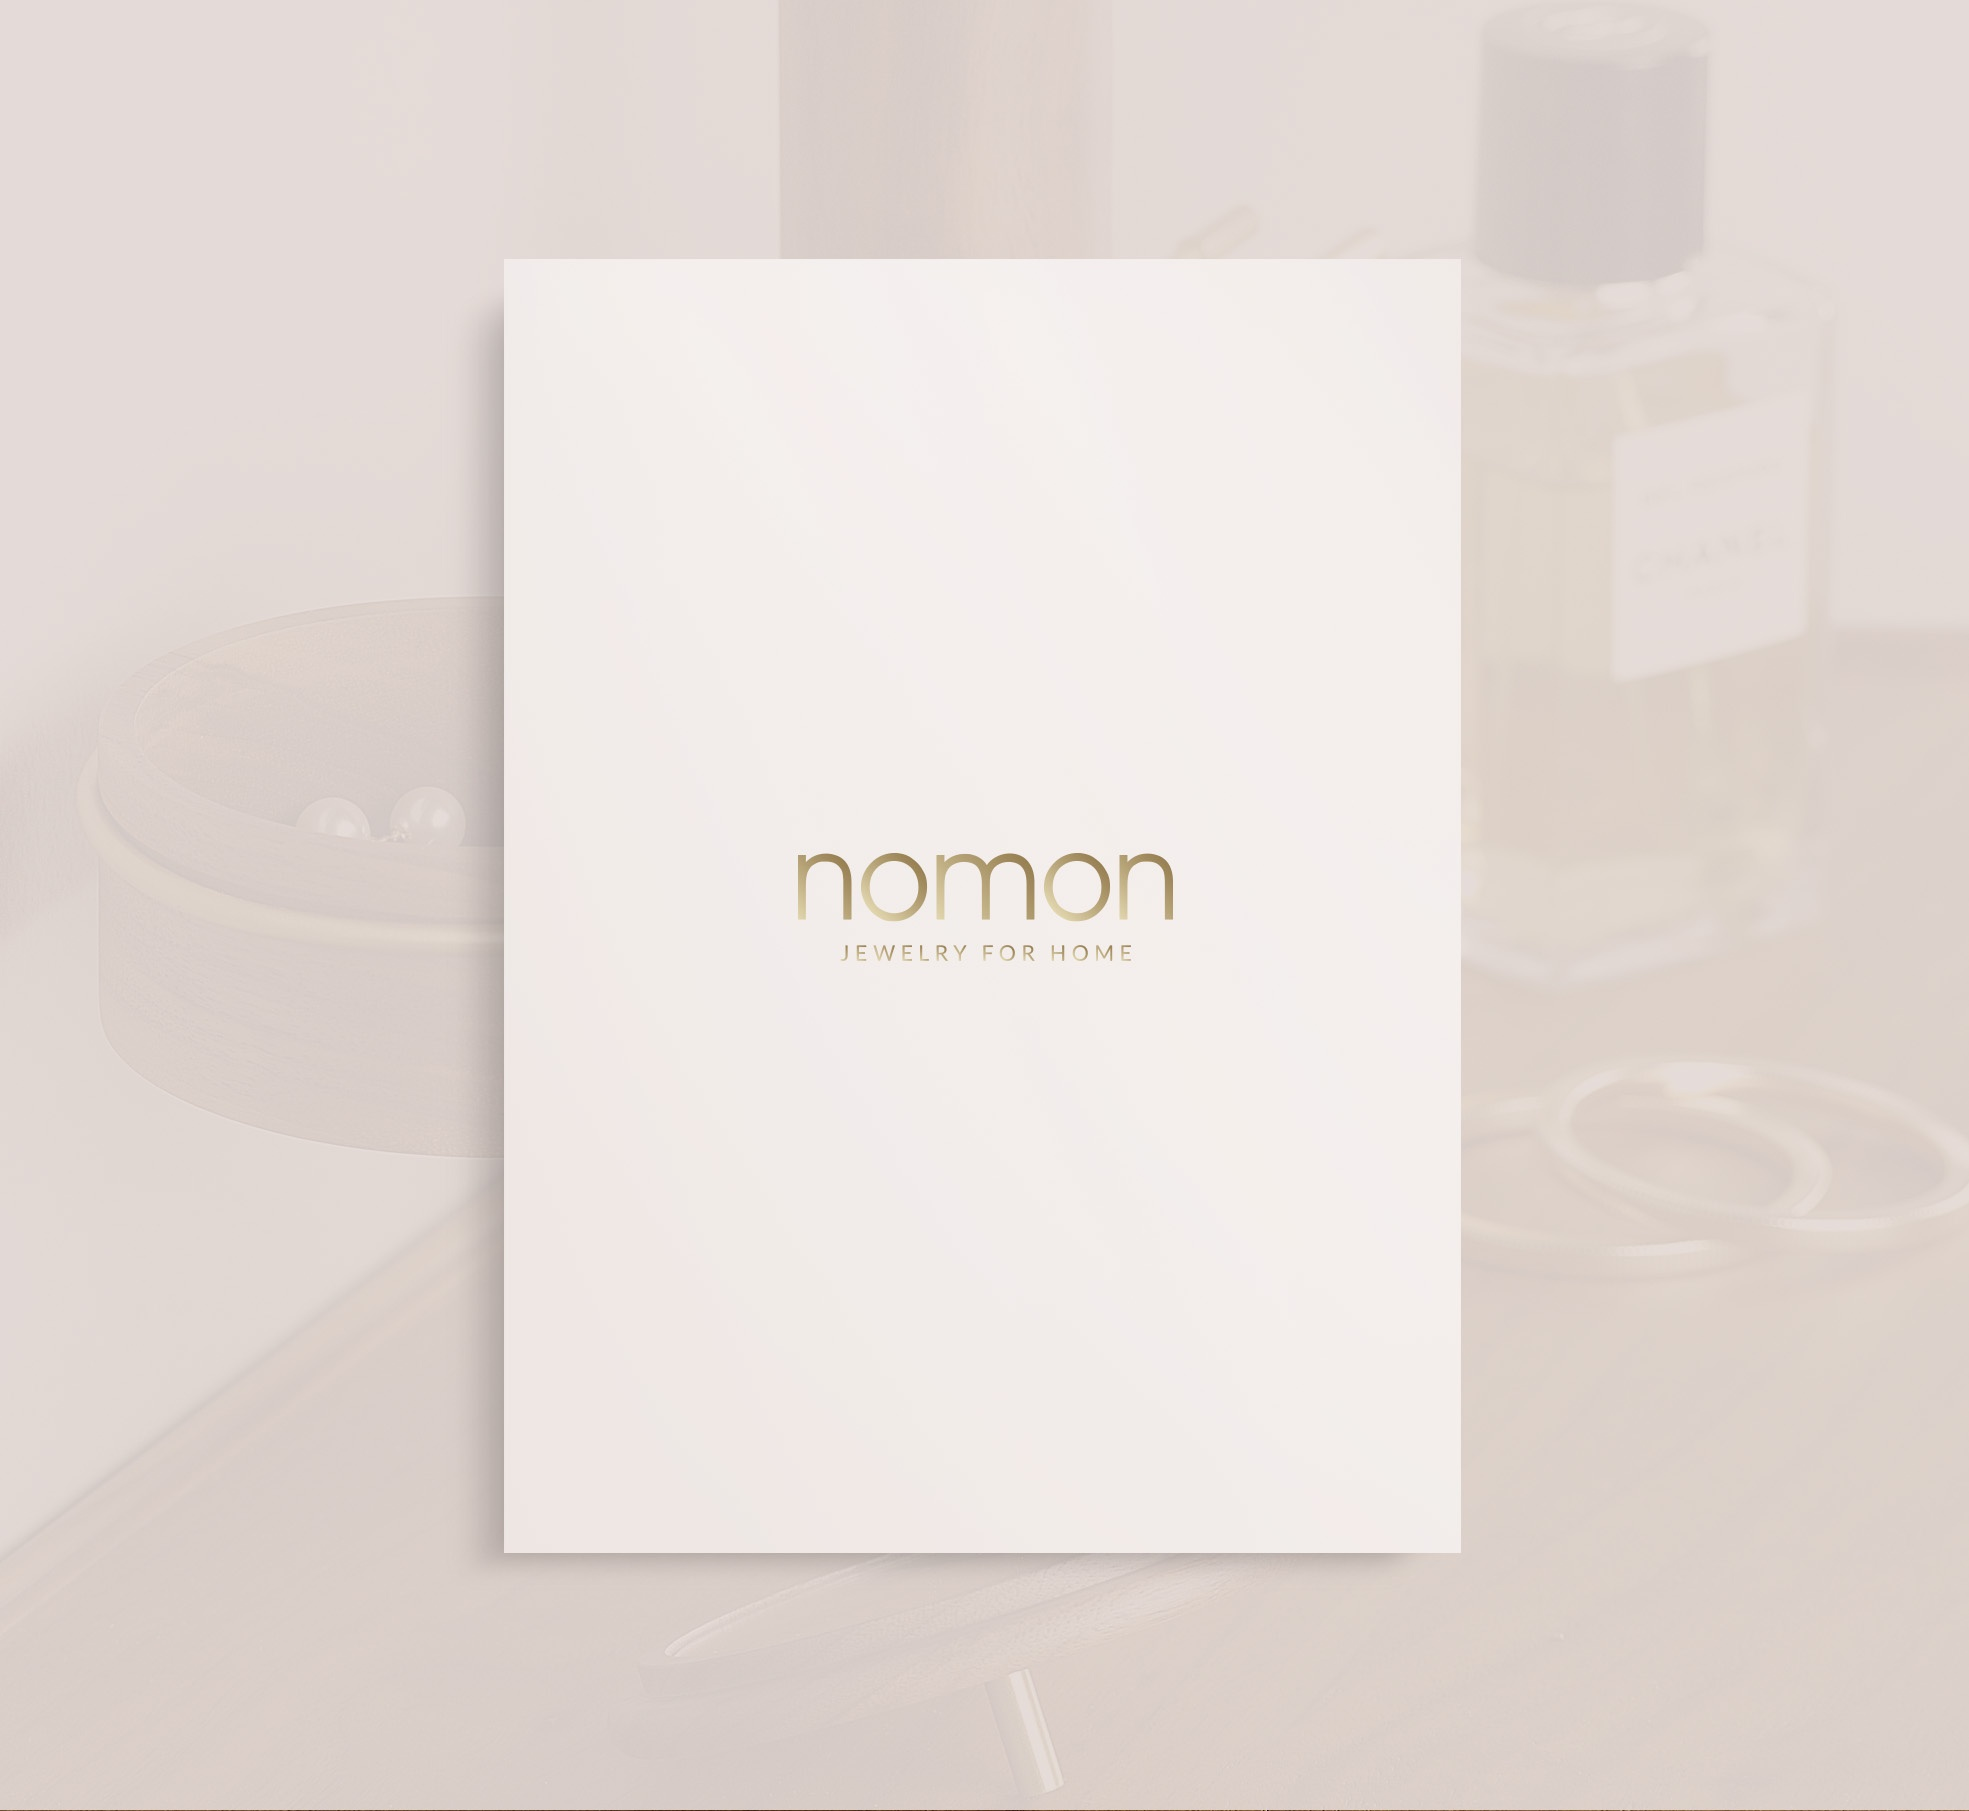 catalogue-nomon-home-2020